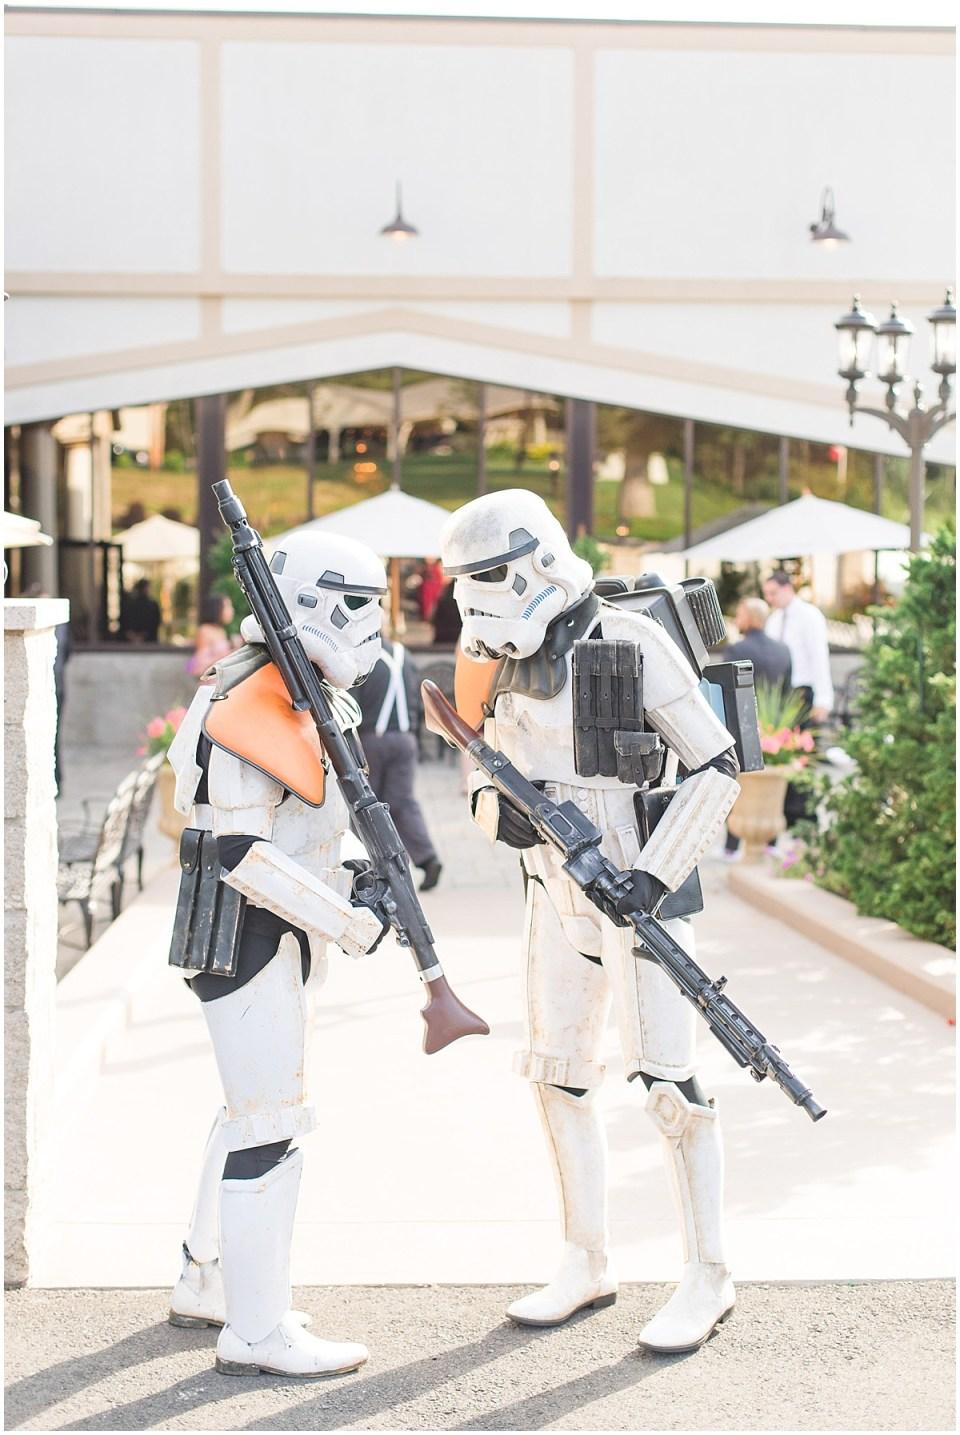 Pedro & Maggie's Star Wars Themed Wedding at La Bella Vista in Waterbury, CT Photos_0020.jpg